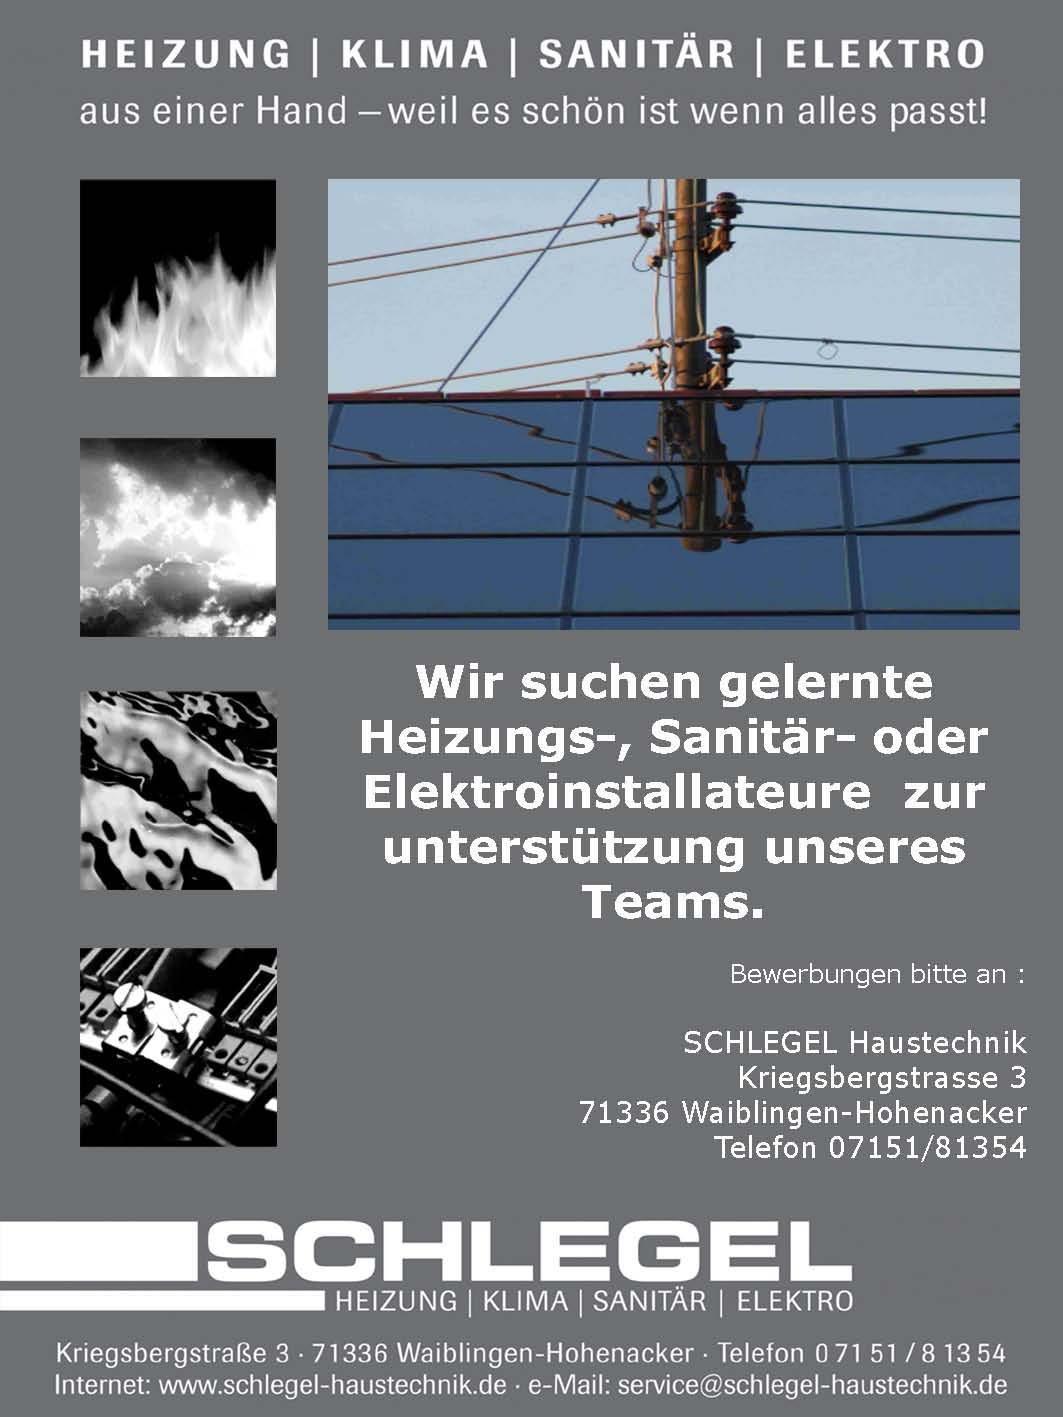 Elektriker Waiblingen schlegel heizung klima sanitär elektro waiblingen hohenacker